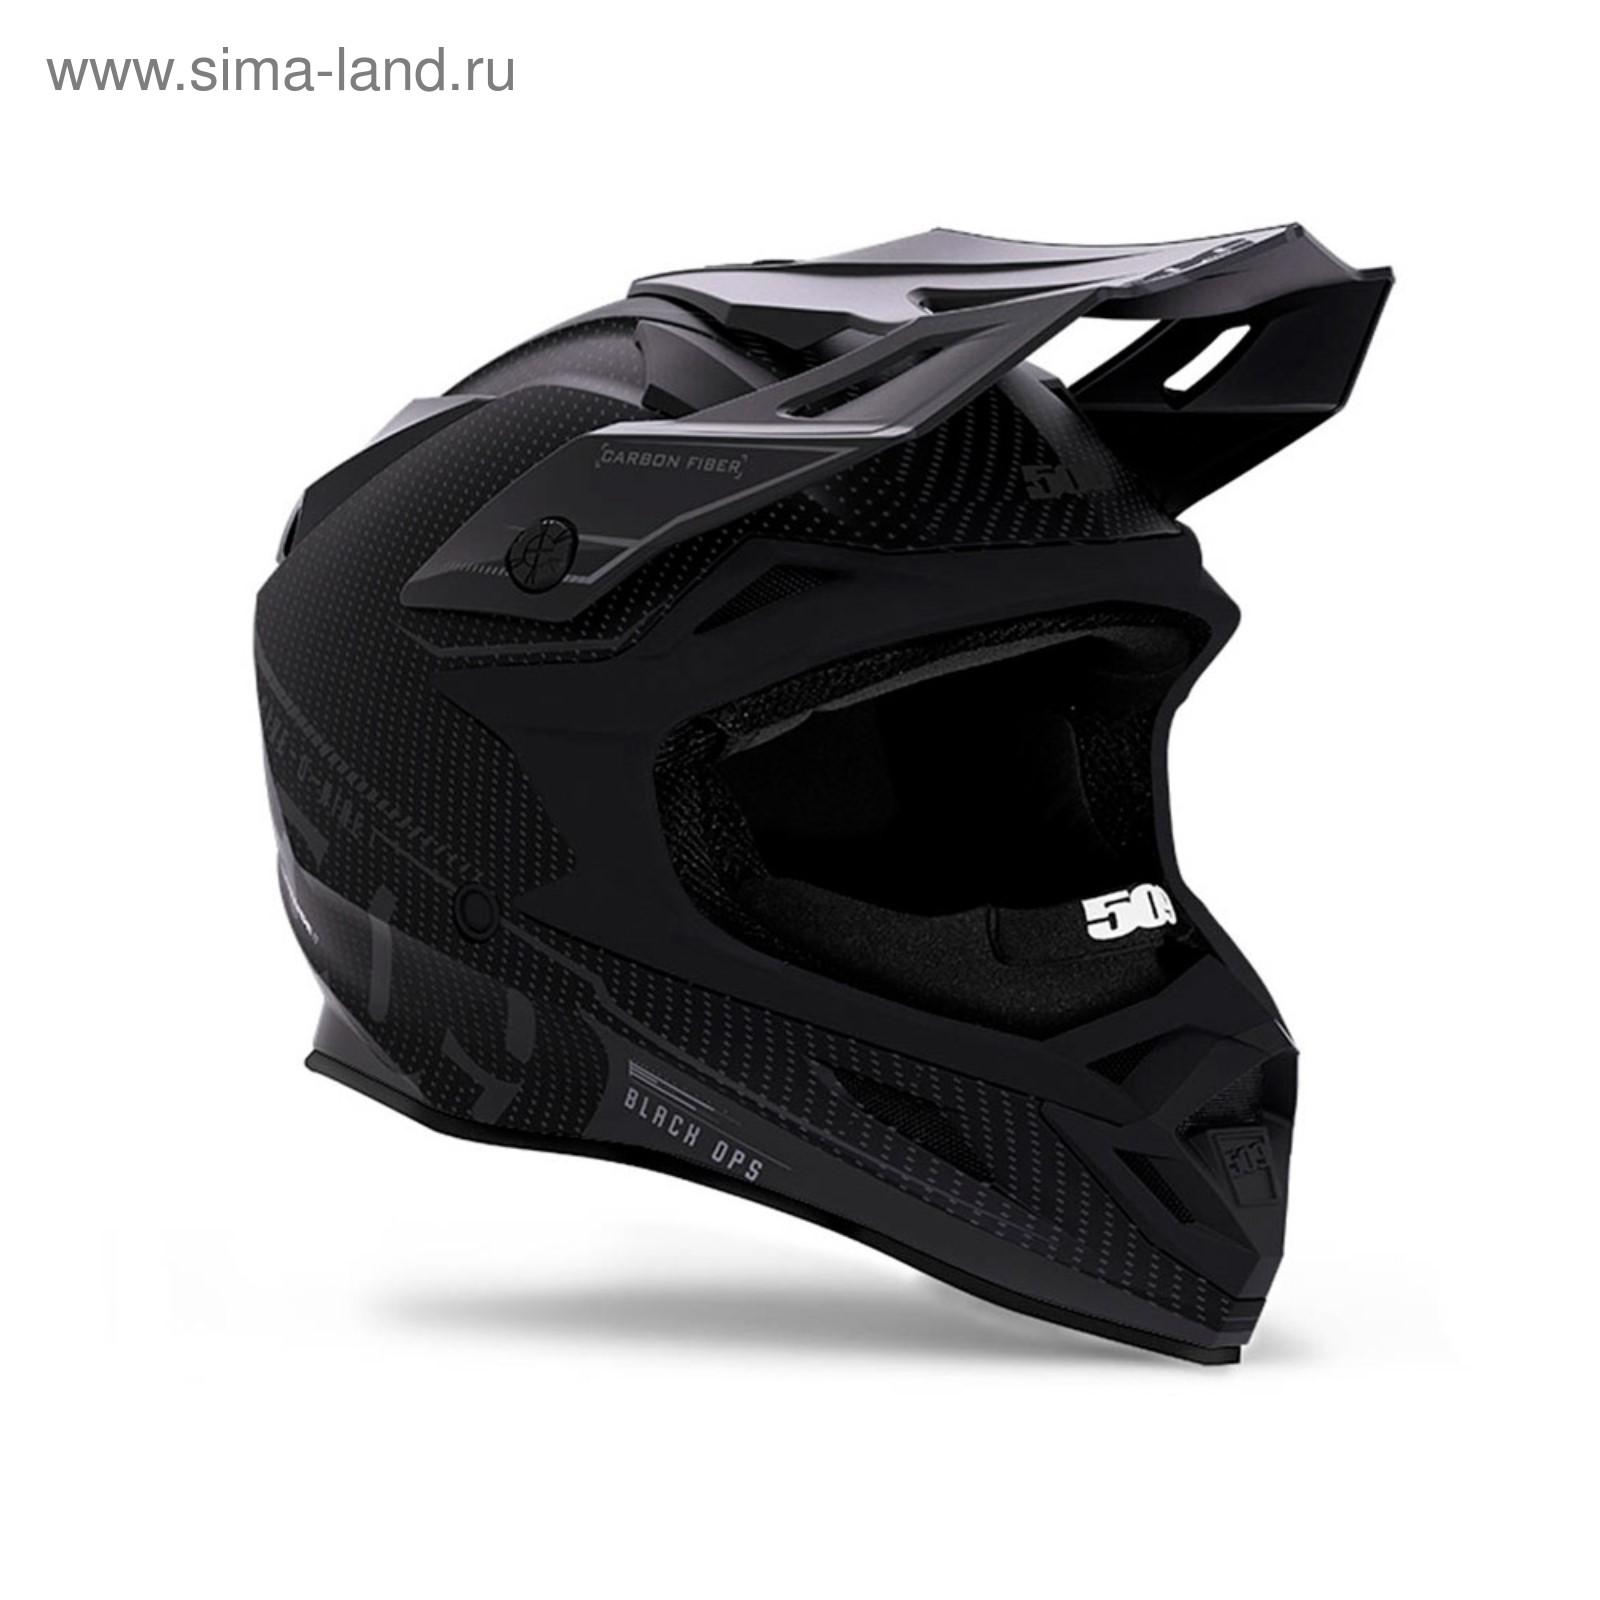 509 Altitude Helmet Black Ops with Fidlock SM